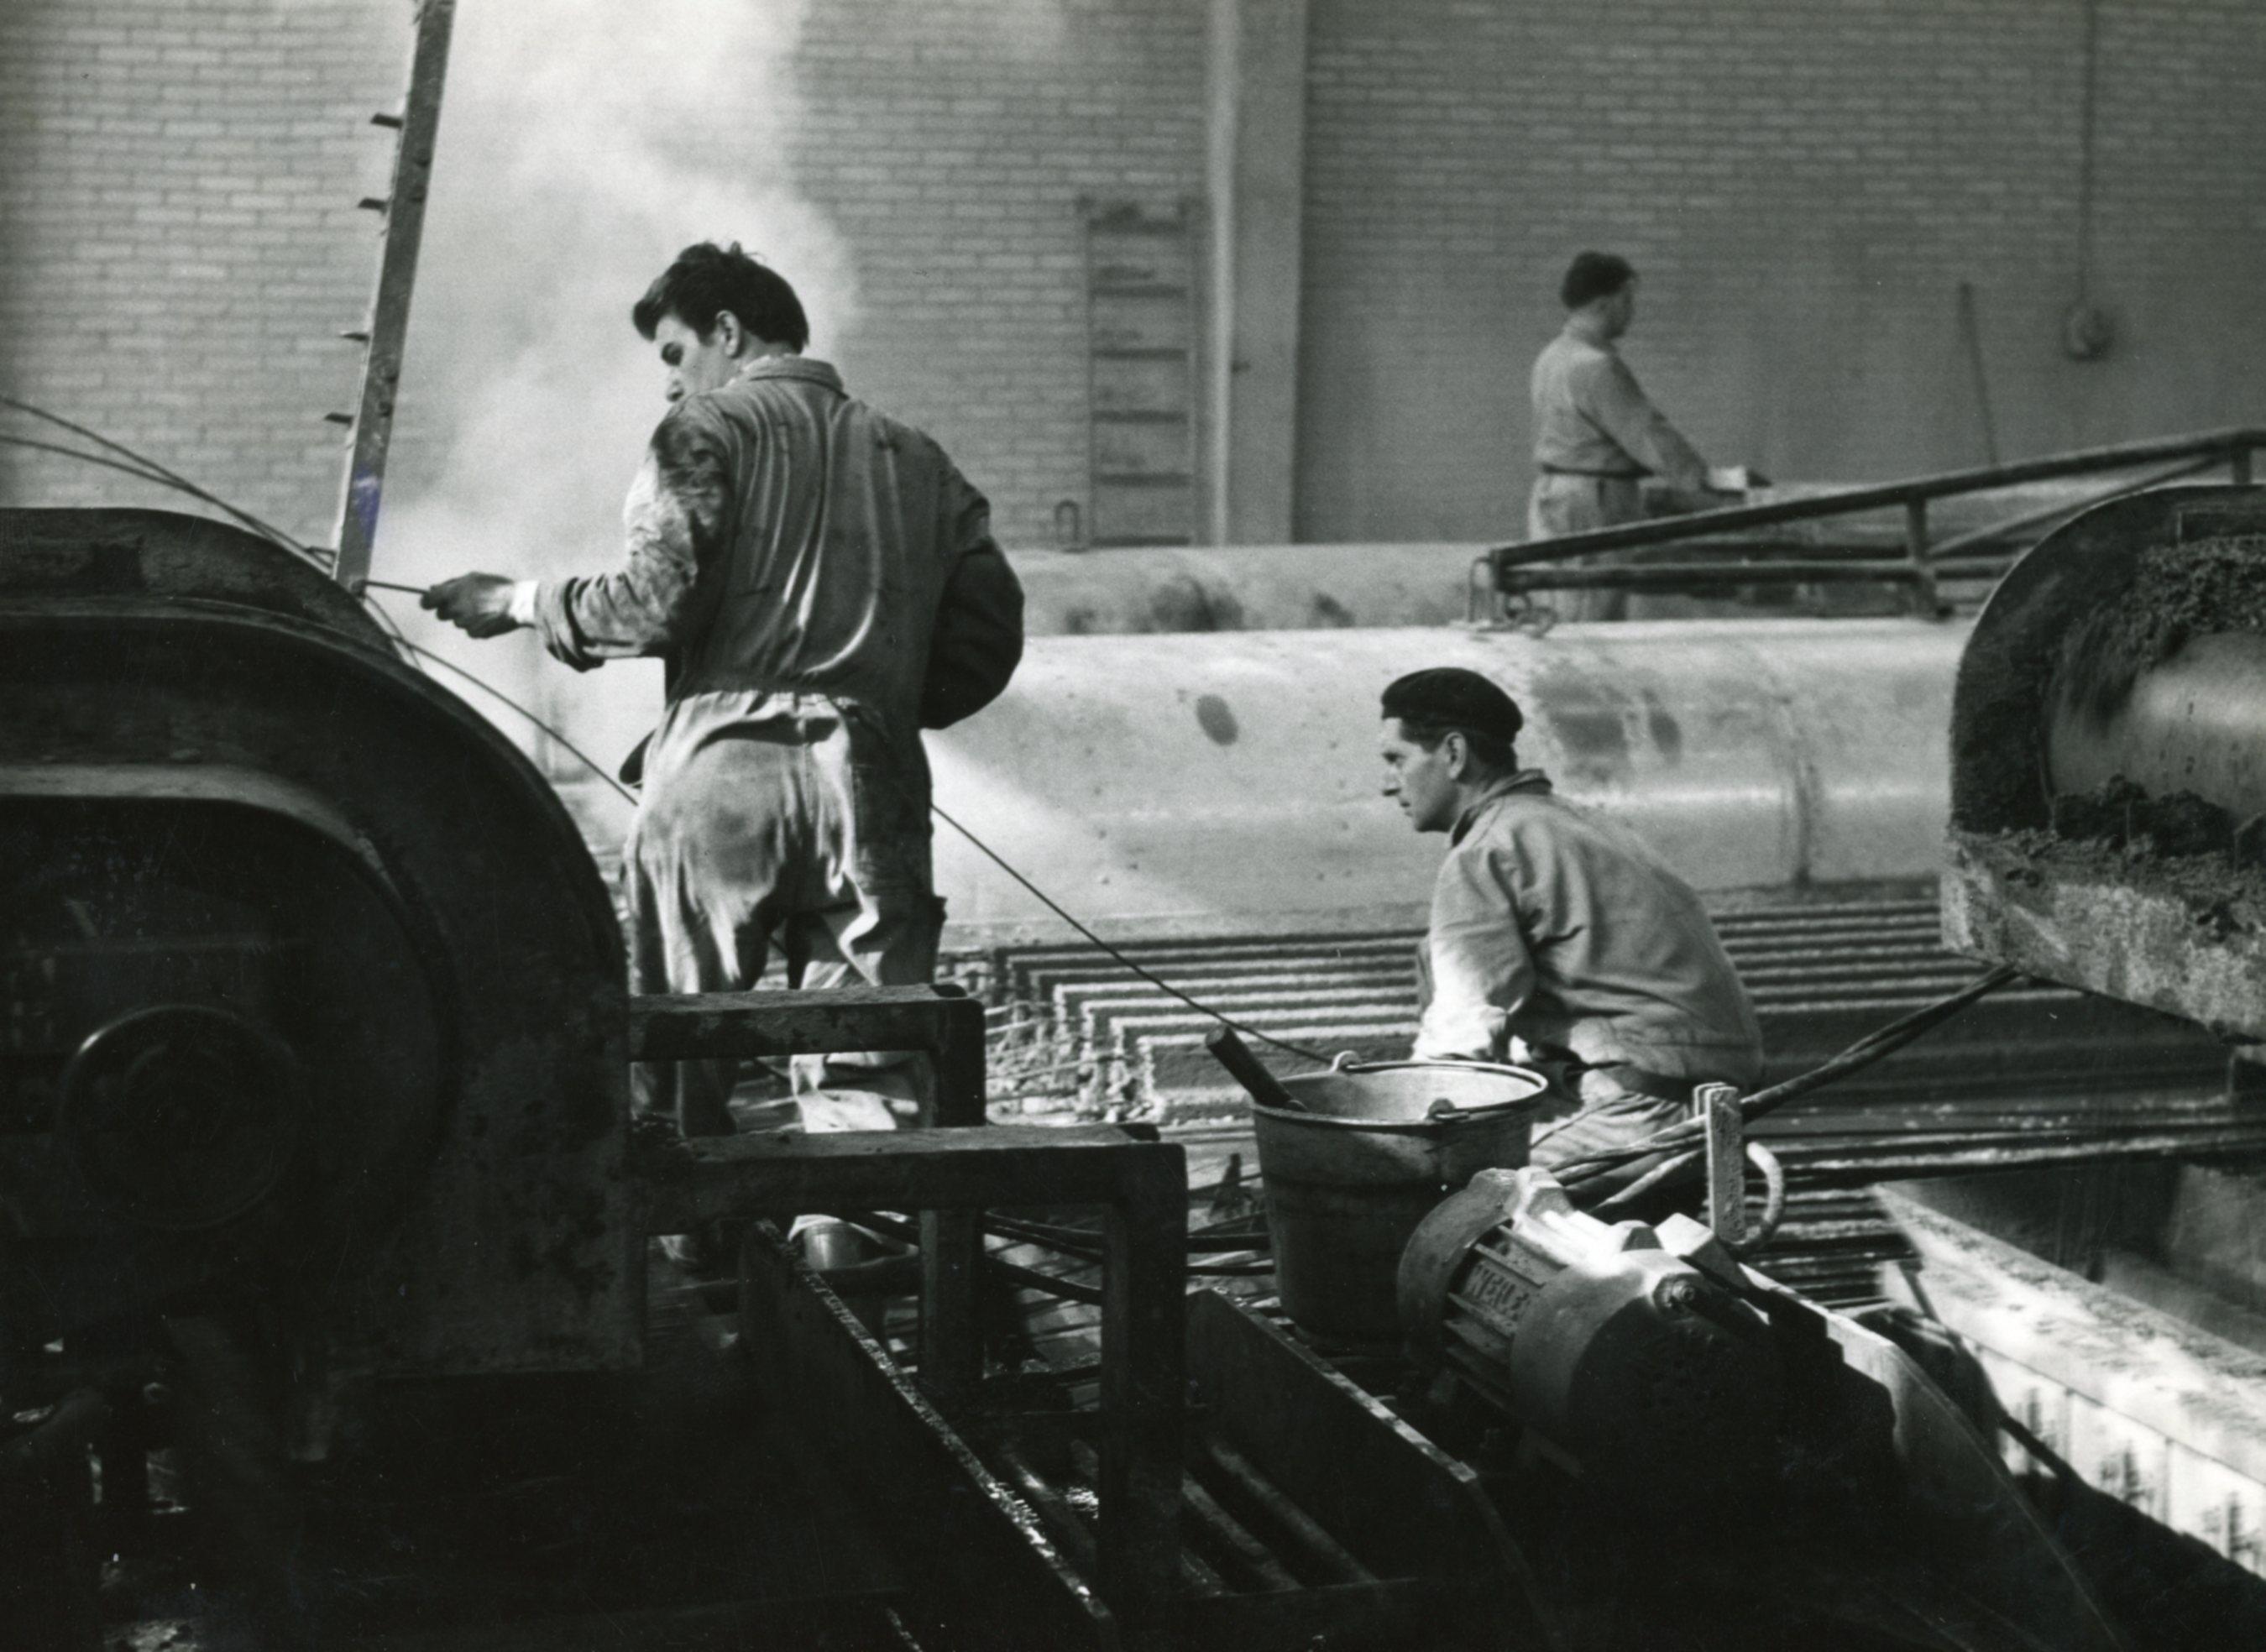 1960-fabricage-nebi-balken-weert221